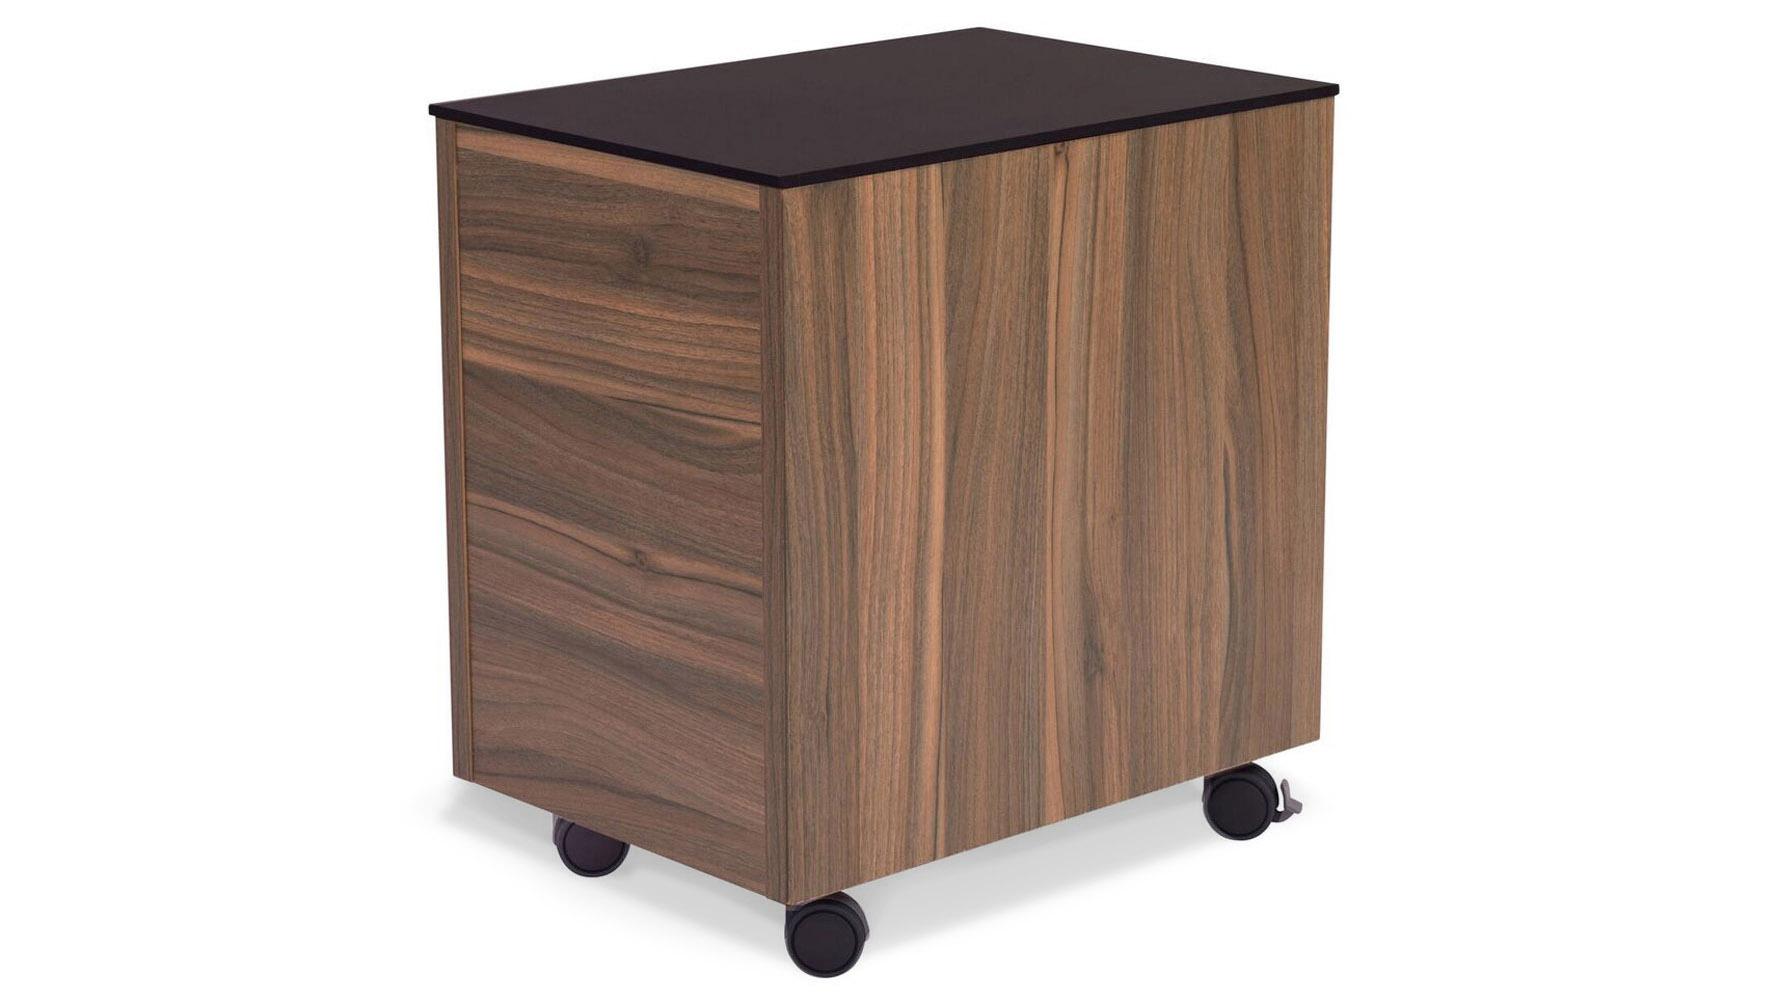 Beau Zuri Furniture